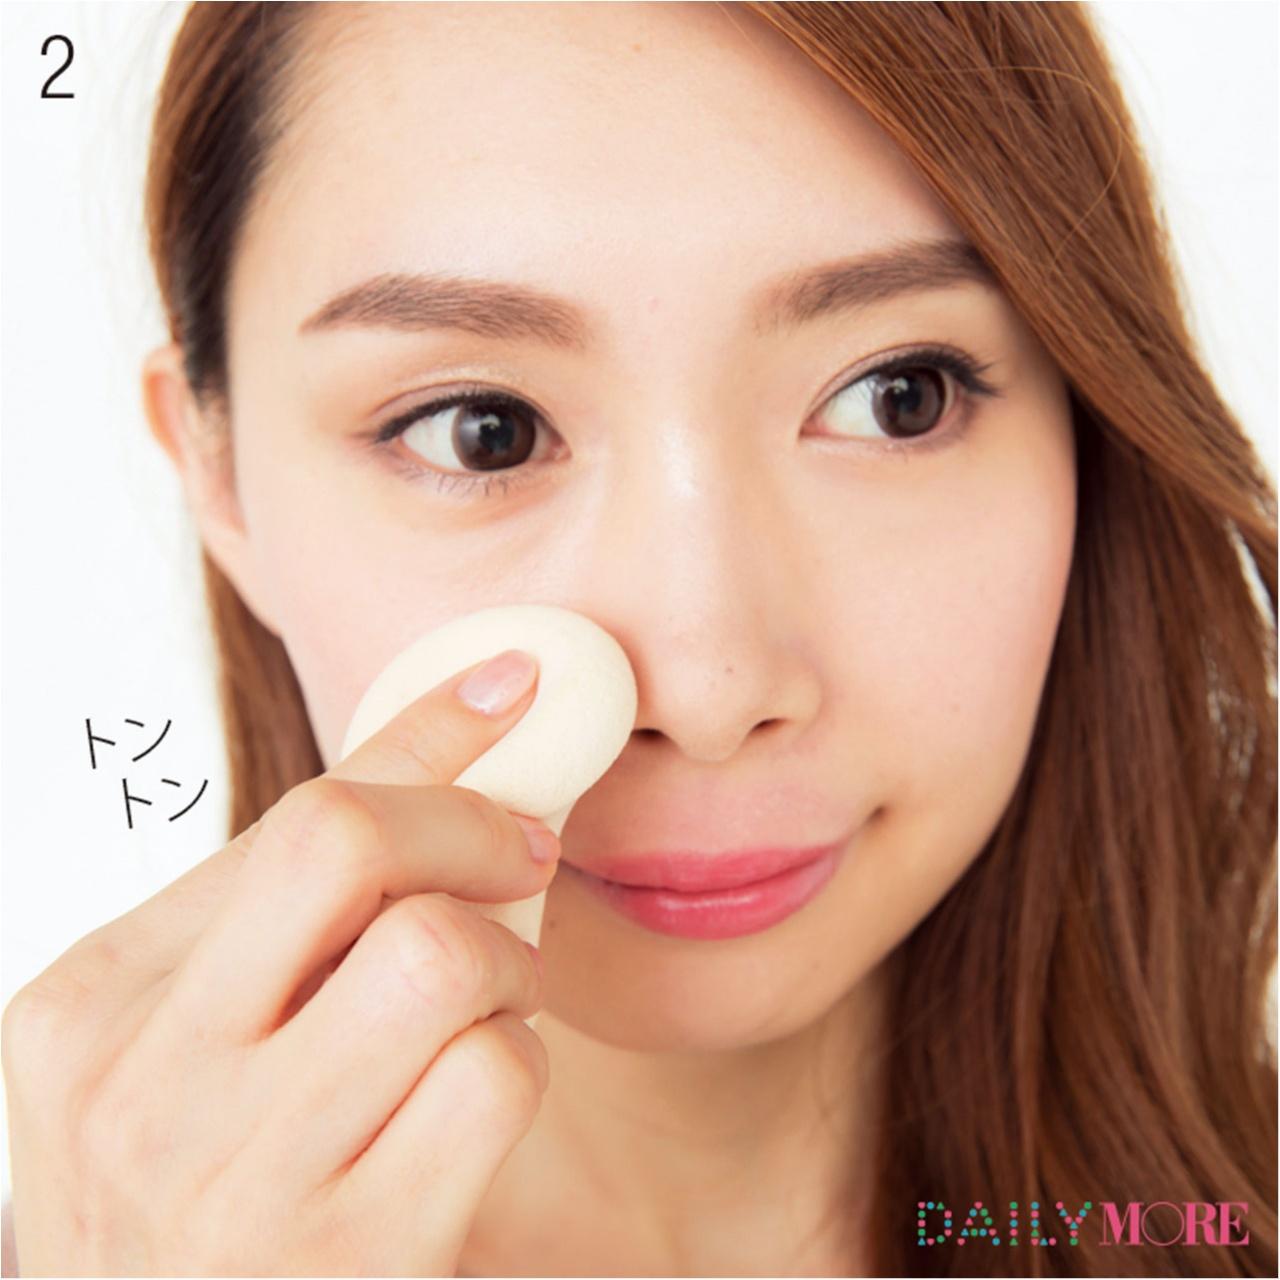 鼻や顔のテカり防止メイク特集 - 汗をかいても崩れにくいメイクテクは?_28